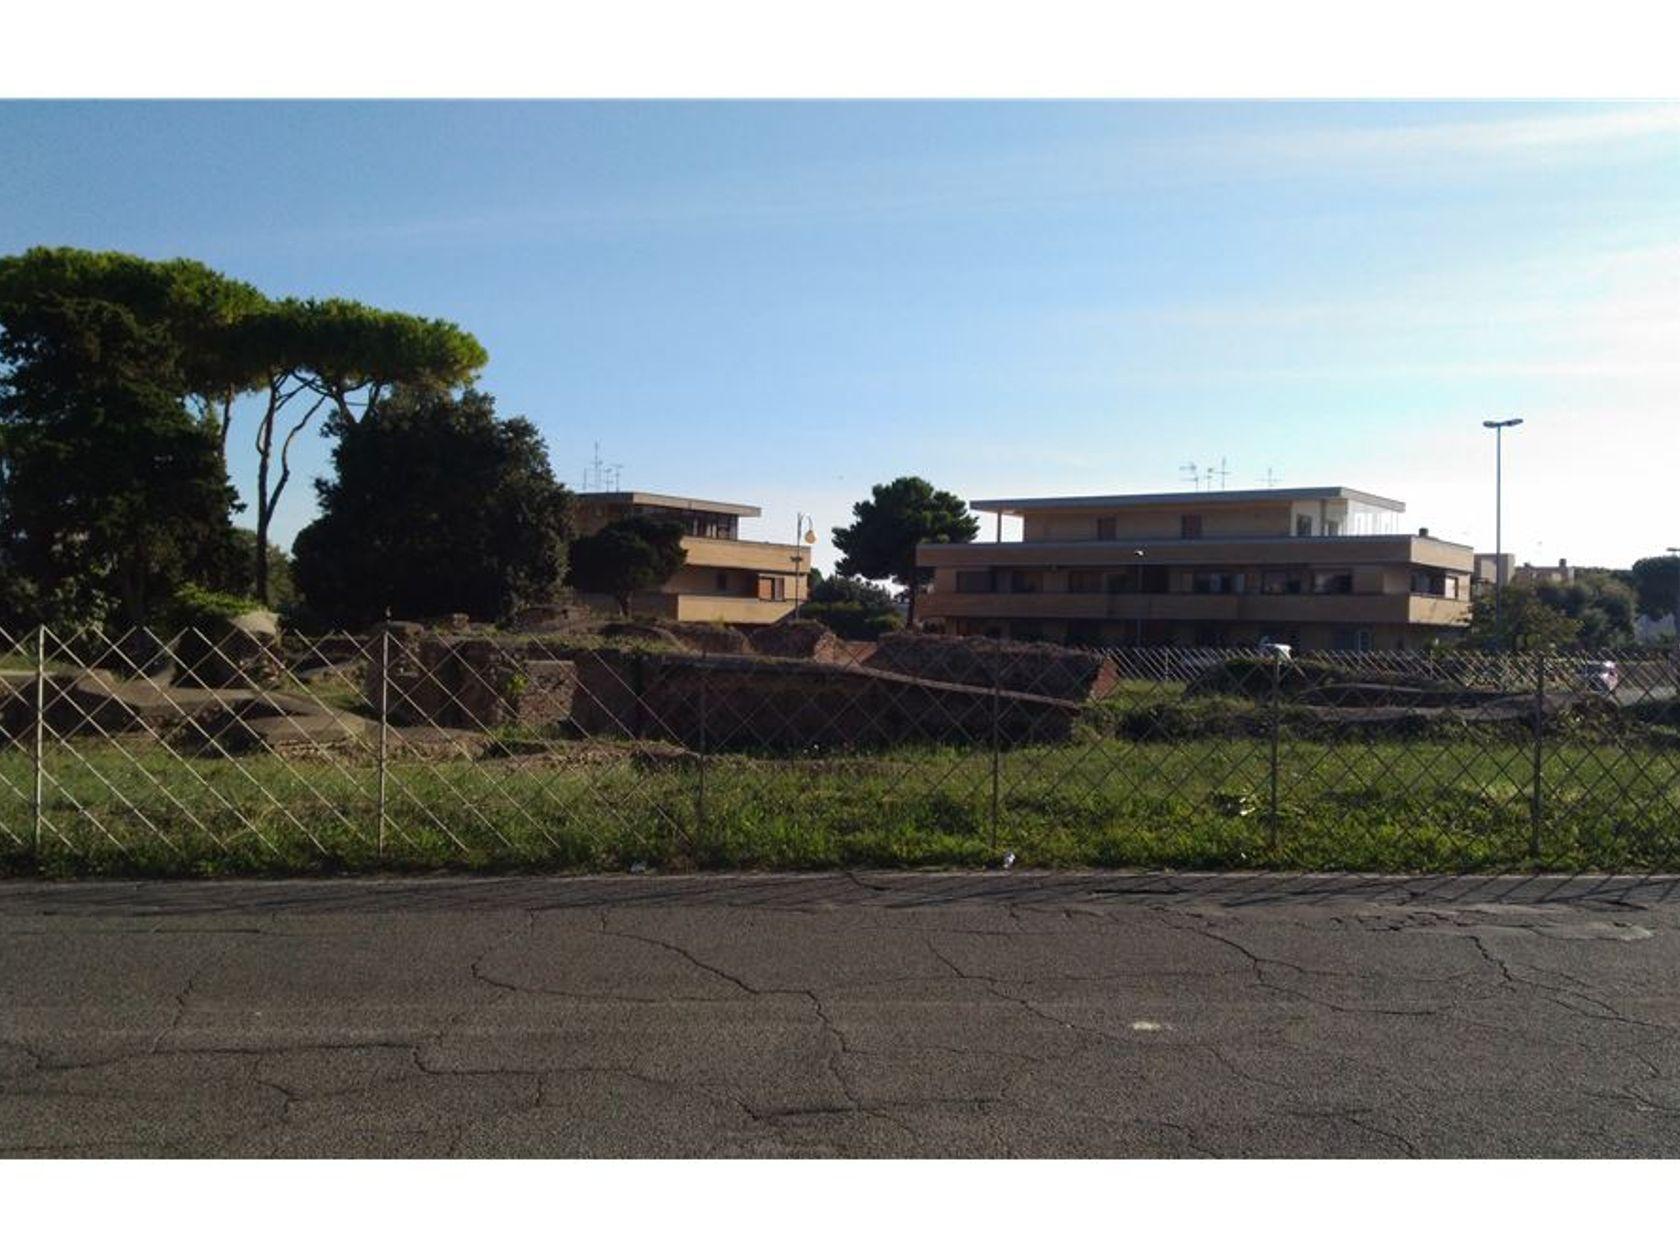 Attico/Mansarda Anzio-santa Teresa, Anzio, RM Vendita - Foto 2